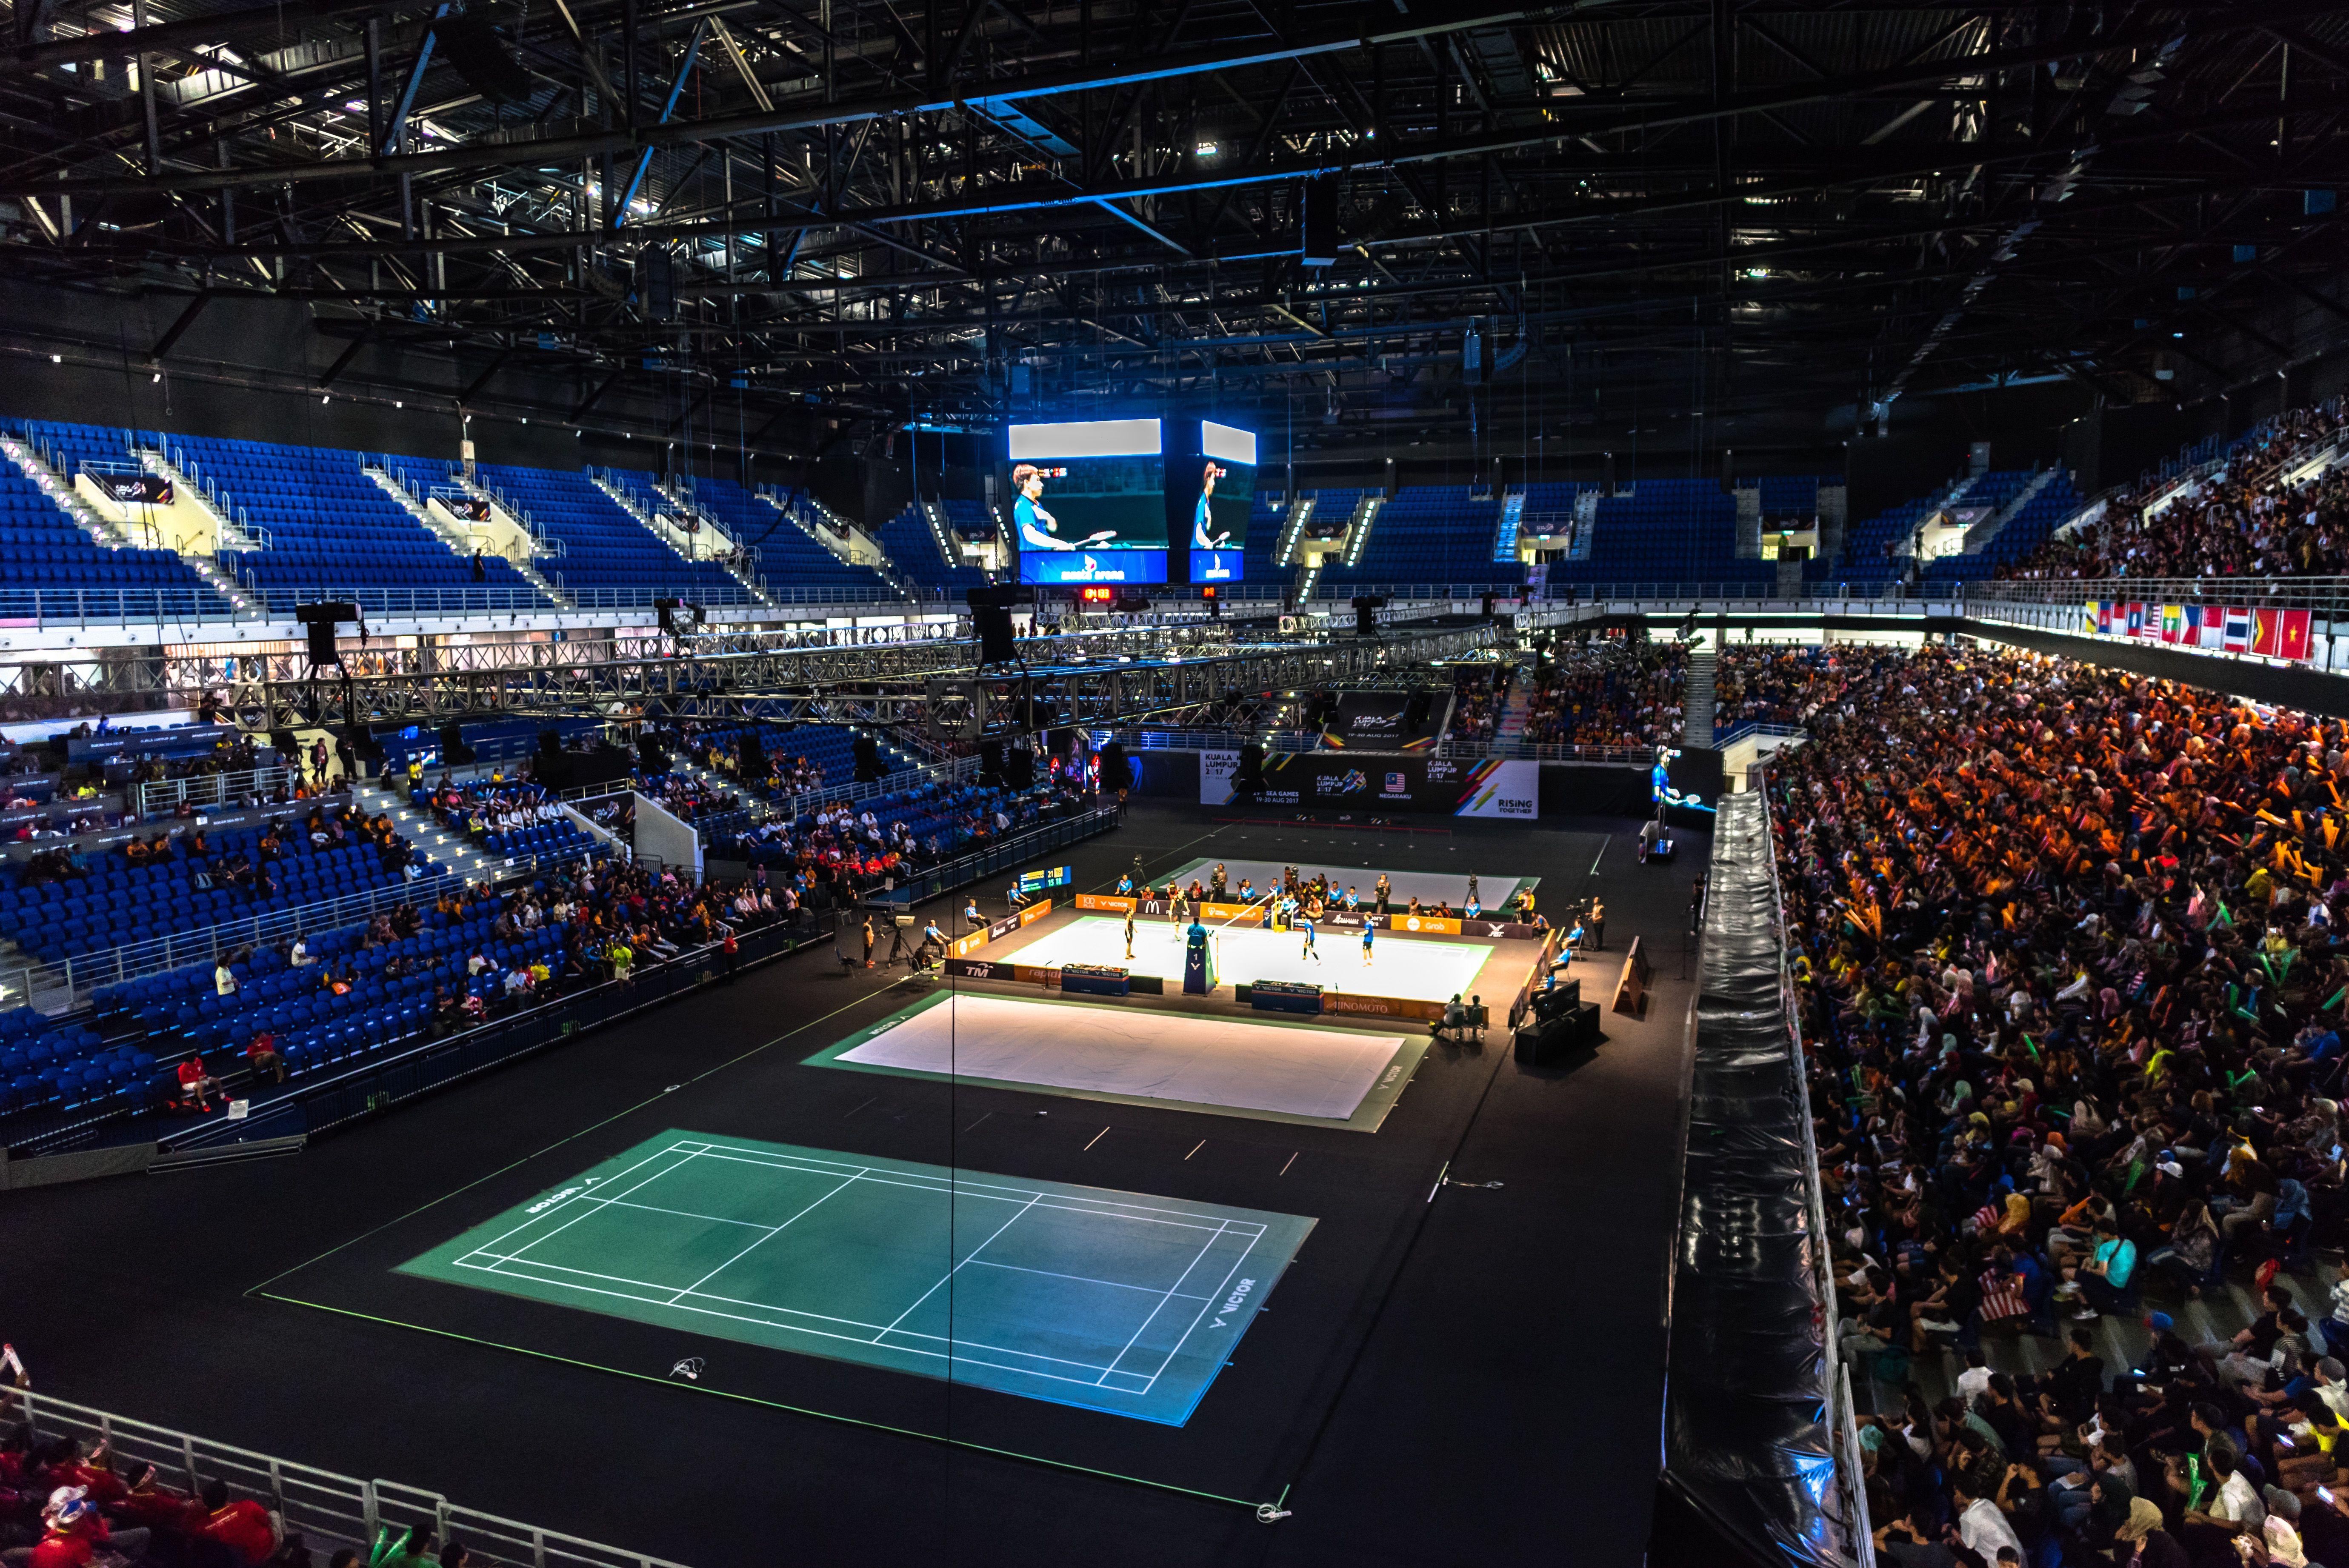 Axiata Arena Bukit Jalil Kuala Lumpur Malaysia Capacity 14 500 Arenas Stadium Arena